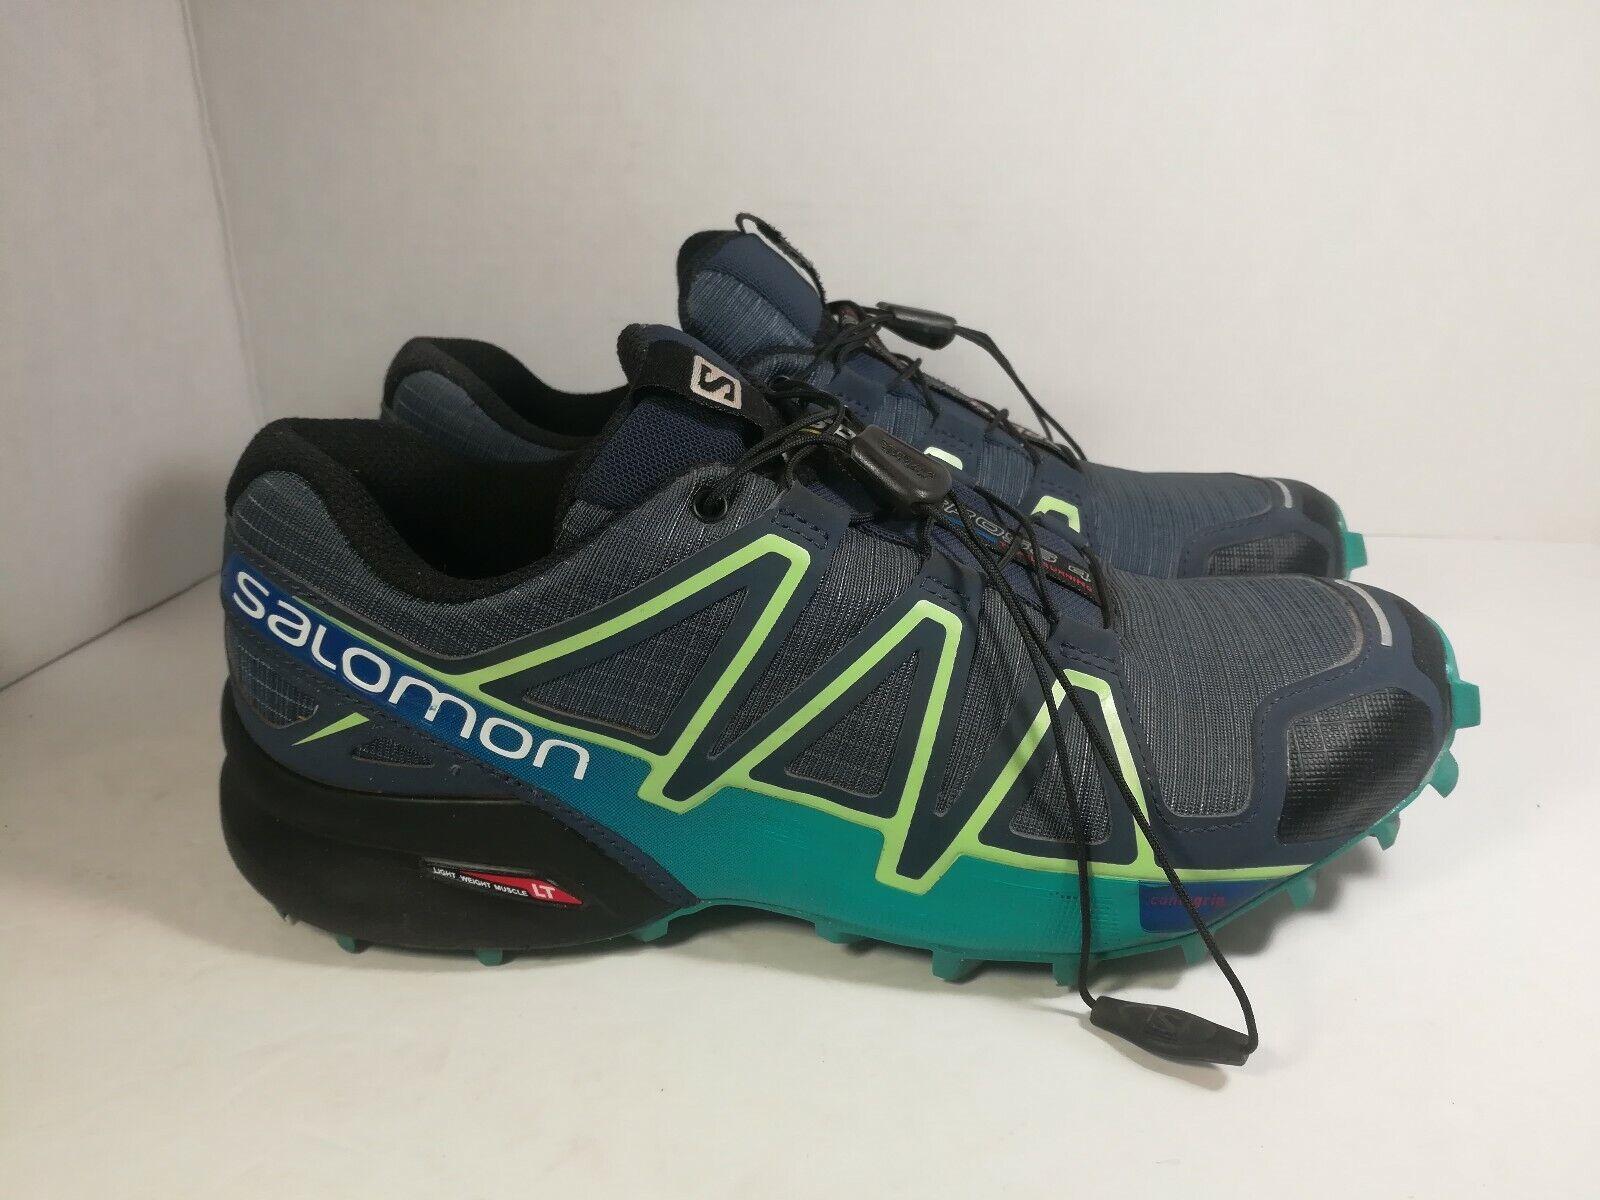 Salomon Speedcross 4 Malla Zapatillas tamaño nos 8 para hombre buenas condiciones 383104